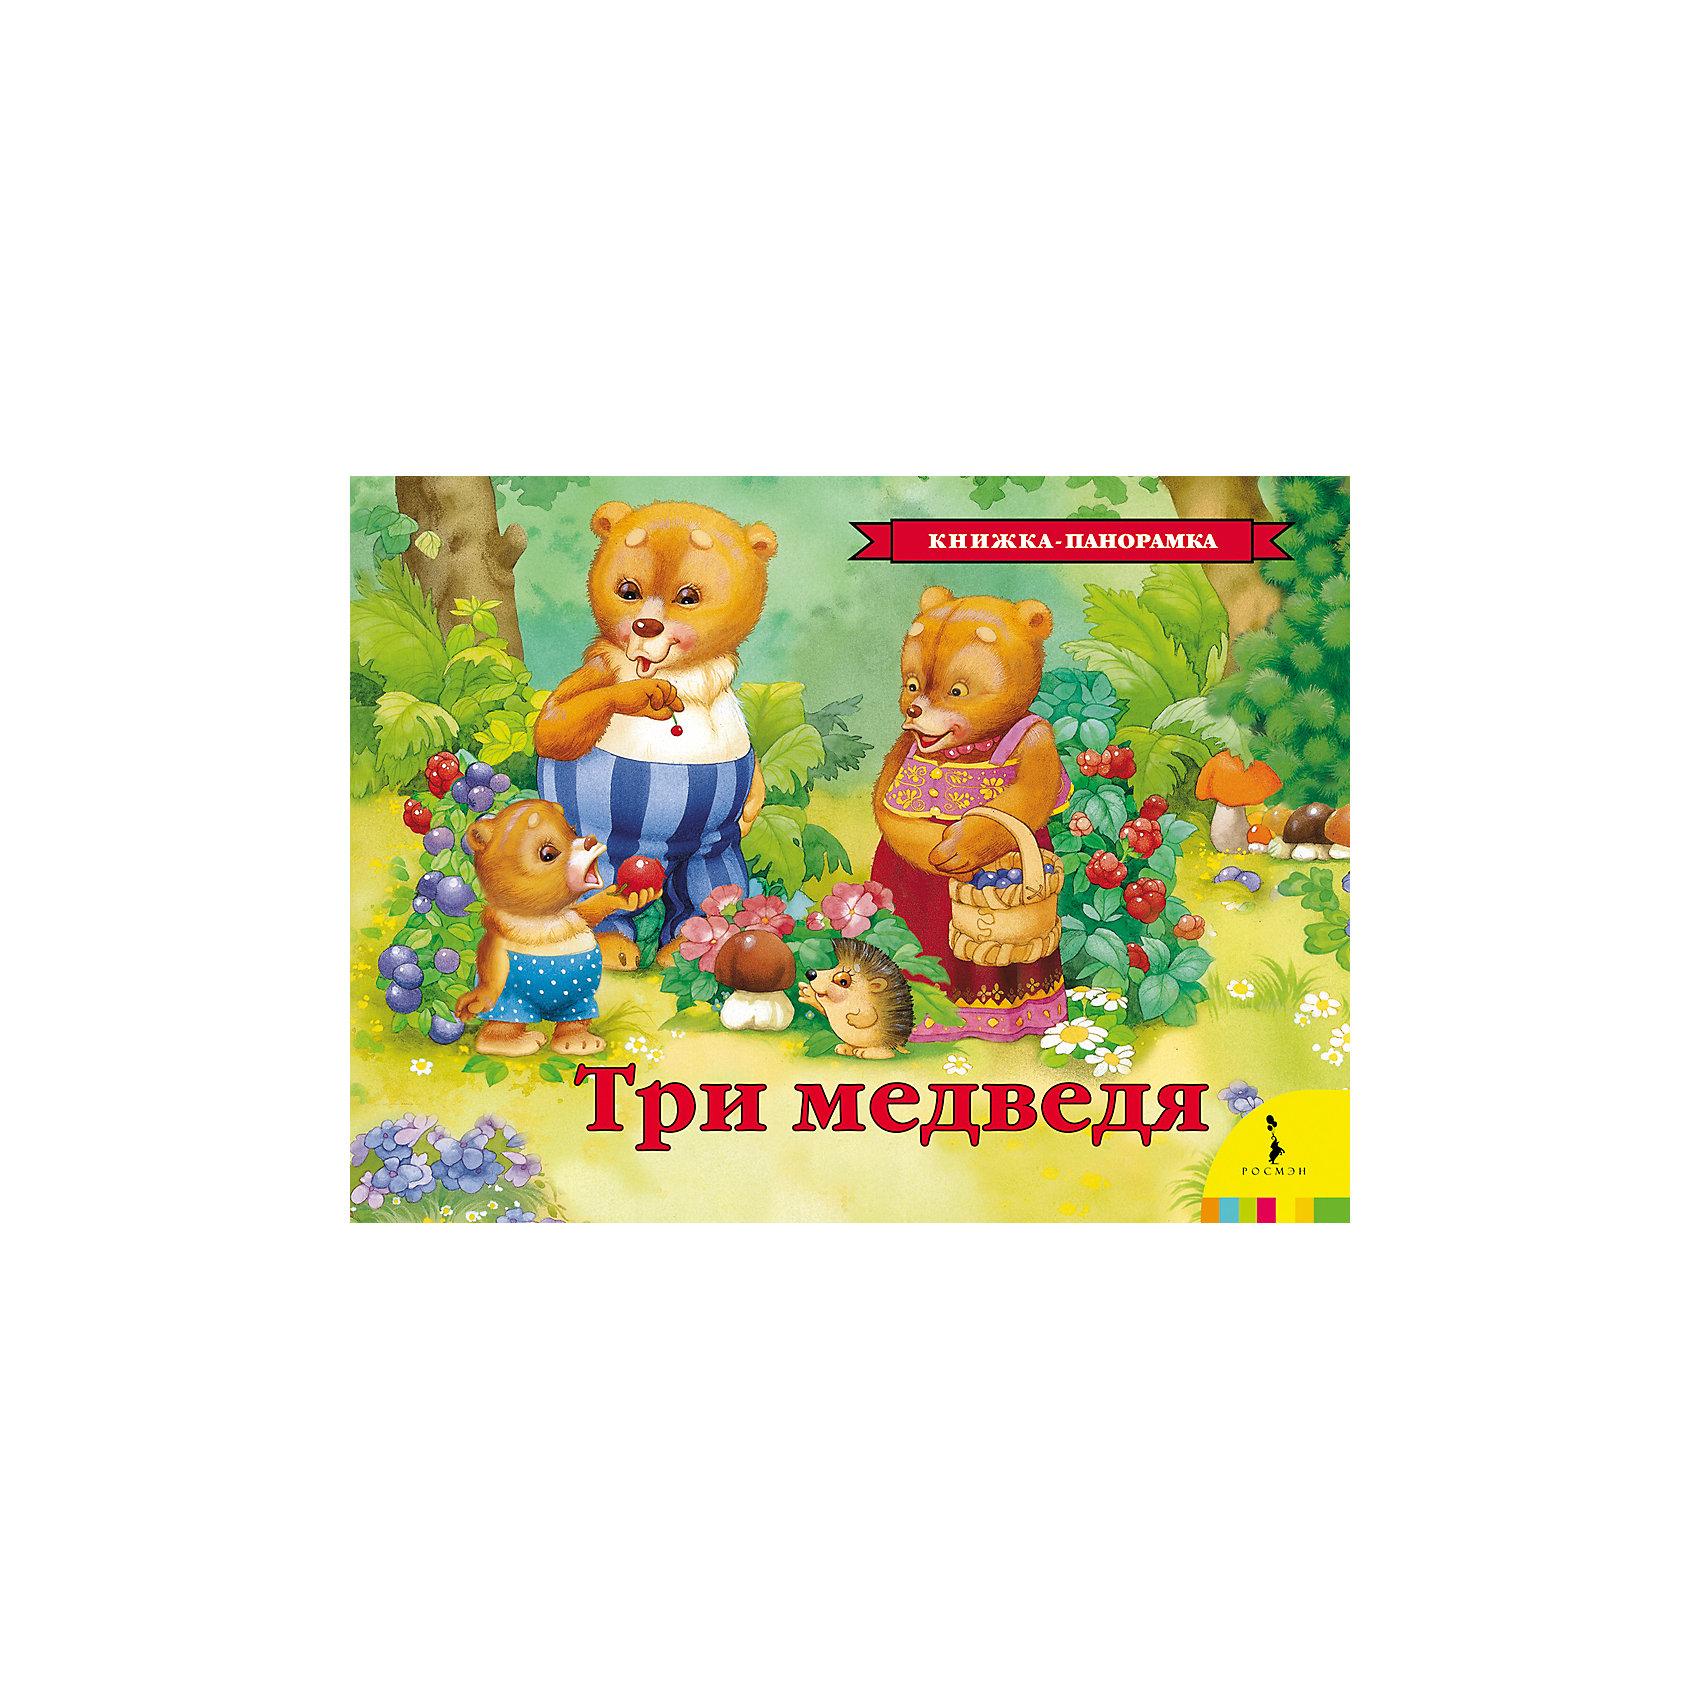 Панорамная книжка Три медведяПанорамная книжка Три медведя<br><br>Характеристики:<br><br>- издательство: Росмэн<br>- количество страниц: 12<br>- формат: 26 * 1,5 * 20 см.<br>- Тип обложки: 7Бц – твердая целлофинированная<br>- Иллюстрации: цветные<br>- вес: 290 гр.<br><br>Настоящее подарочное издание – панорамная книга Три медведя станет отличным сюрпризом для маленьких детей. Классическая сказка и яркие иллюстрации раскладывающейся книги помогут создать атмосферу праздников в доме. Книжка поможет рассказать и показать малышу увлекательную историю о самых обычных трех медведях в не самой обычной ситуации. Каждая страничка этой сказки делает героев и их окружение живыми благодаря раскладывающимся деталям. Эта необычная книга соберет семью вместе и сделает чтение веселее и интереснее. <br><br>Панорамную книгу Три медведя можно купить в нашем интернет-магазине.<br><br>Ширина мм: 255<br>Глубина мм: 195<br>Высота мм: 15<br>Вес г: 290<br>Возраст от месяцев: 0<br>Возраст до месяцев: 36<br>Пол: Унисекс<br>Возраст: Детский<br>SKU: 5109746